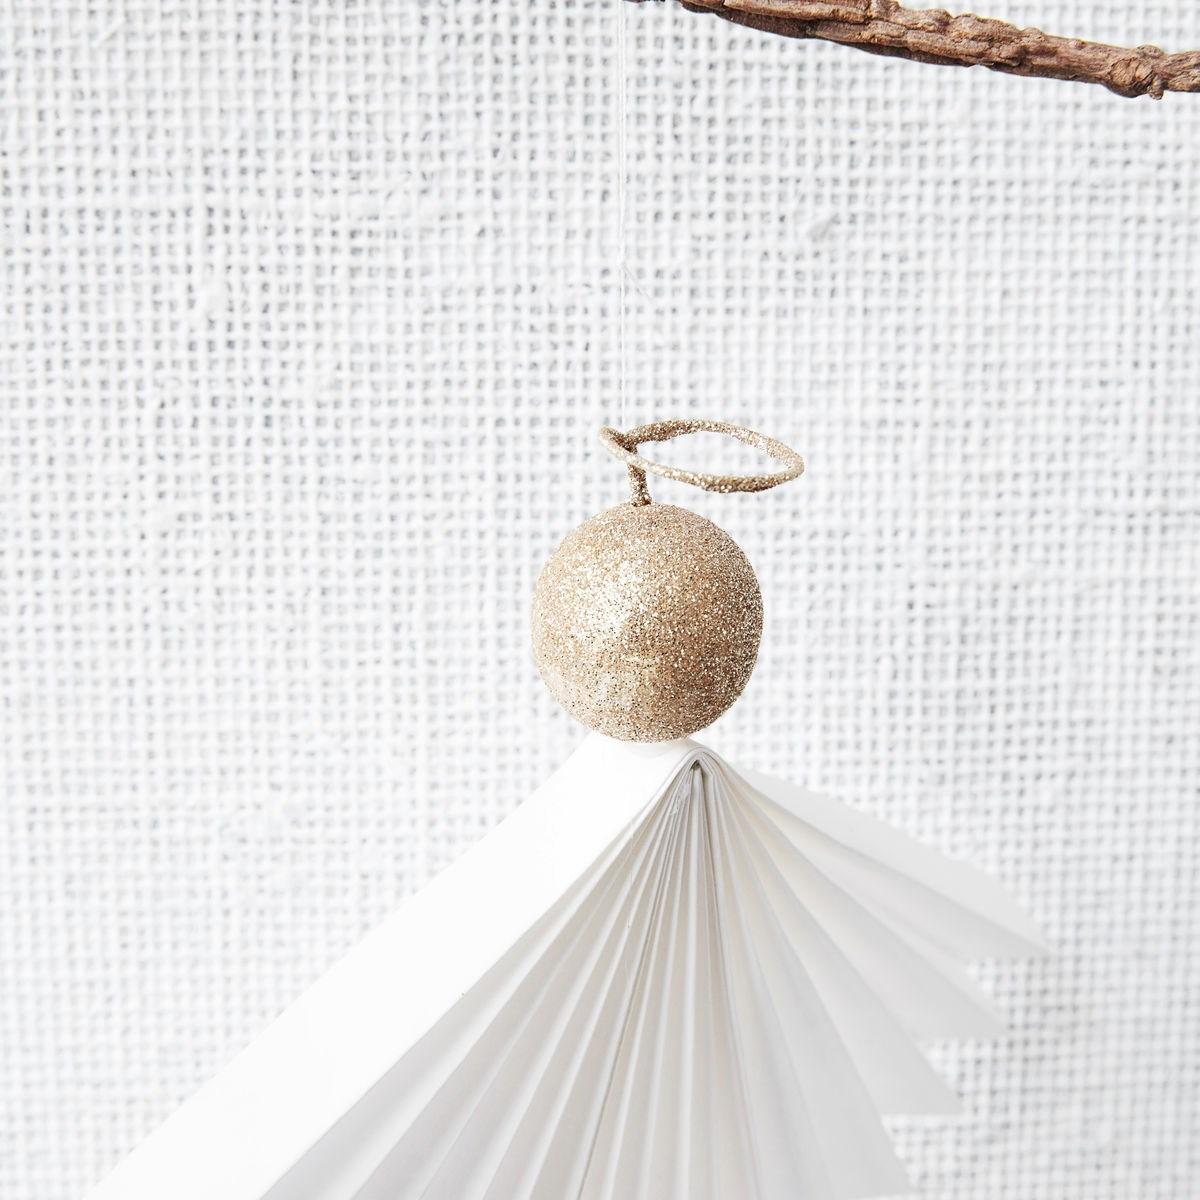 Vánoční ozdoba papírový anděl ANGELS 36 cm bílý_2